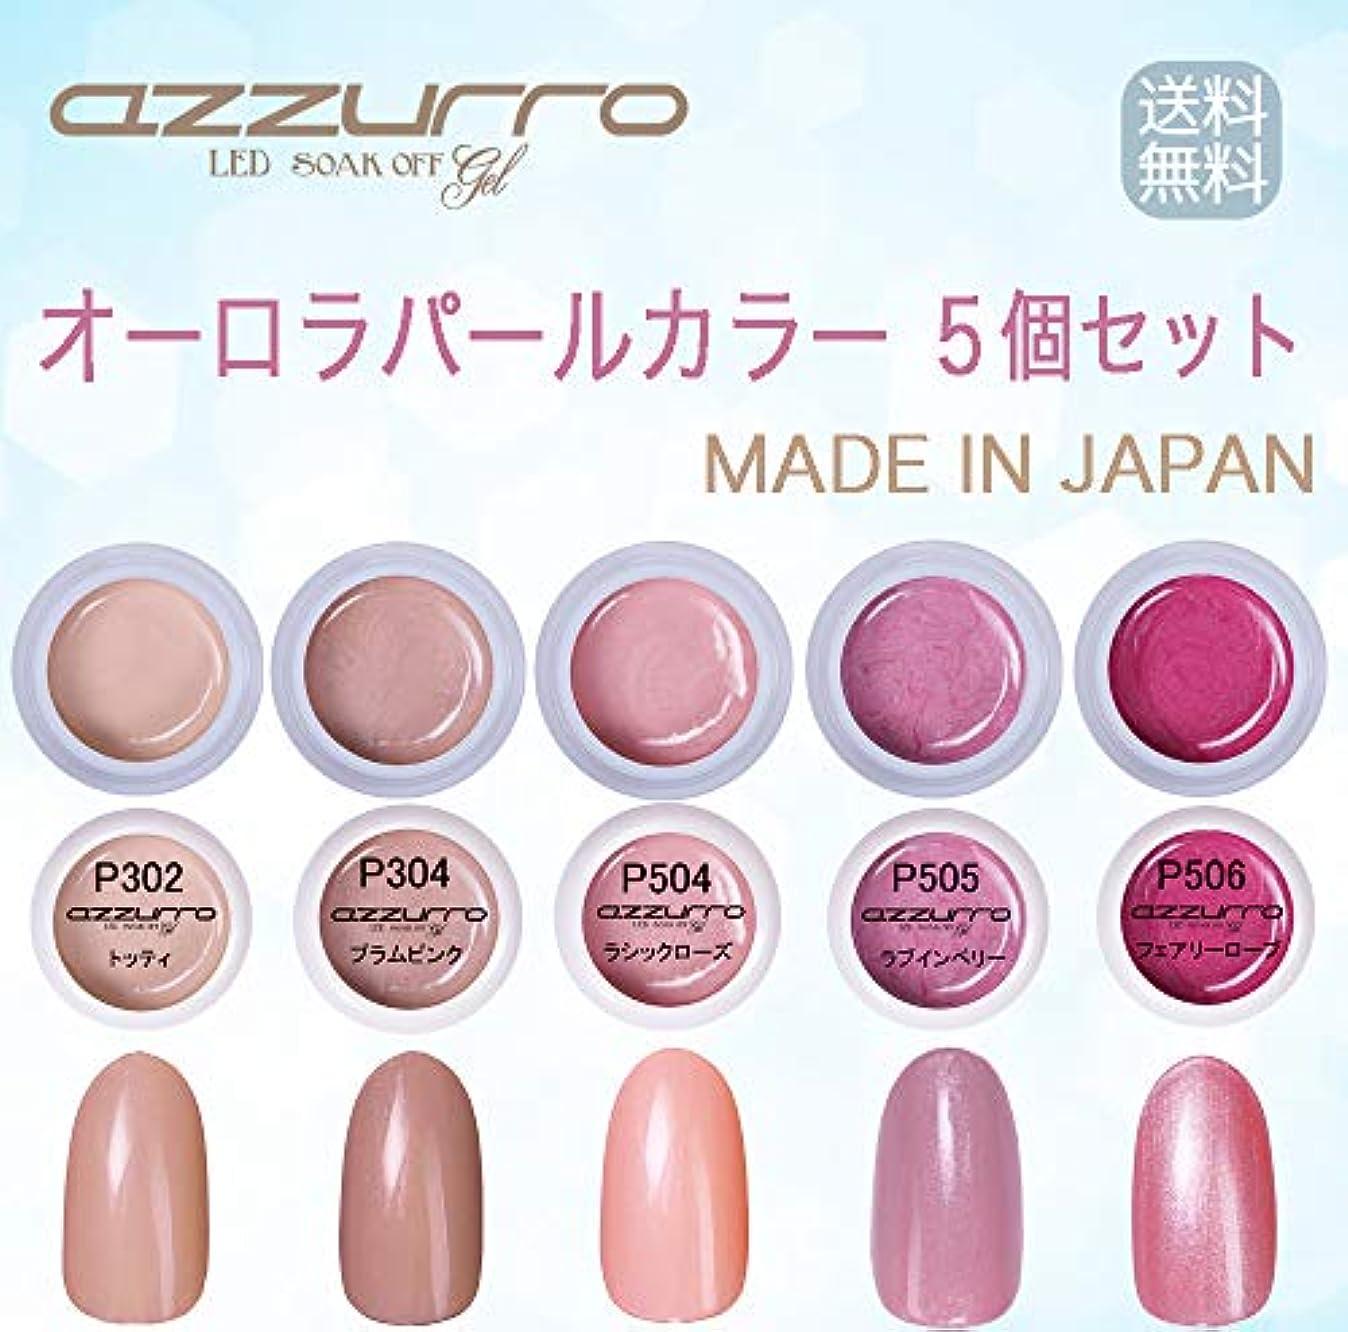 くつろぐひいきにする評価可能【送料無料】日本製 azzurro gel オーロラパール ジェル5個セット 上品な輝きのパールカラー